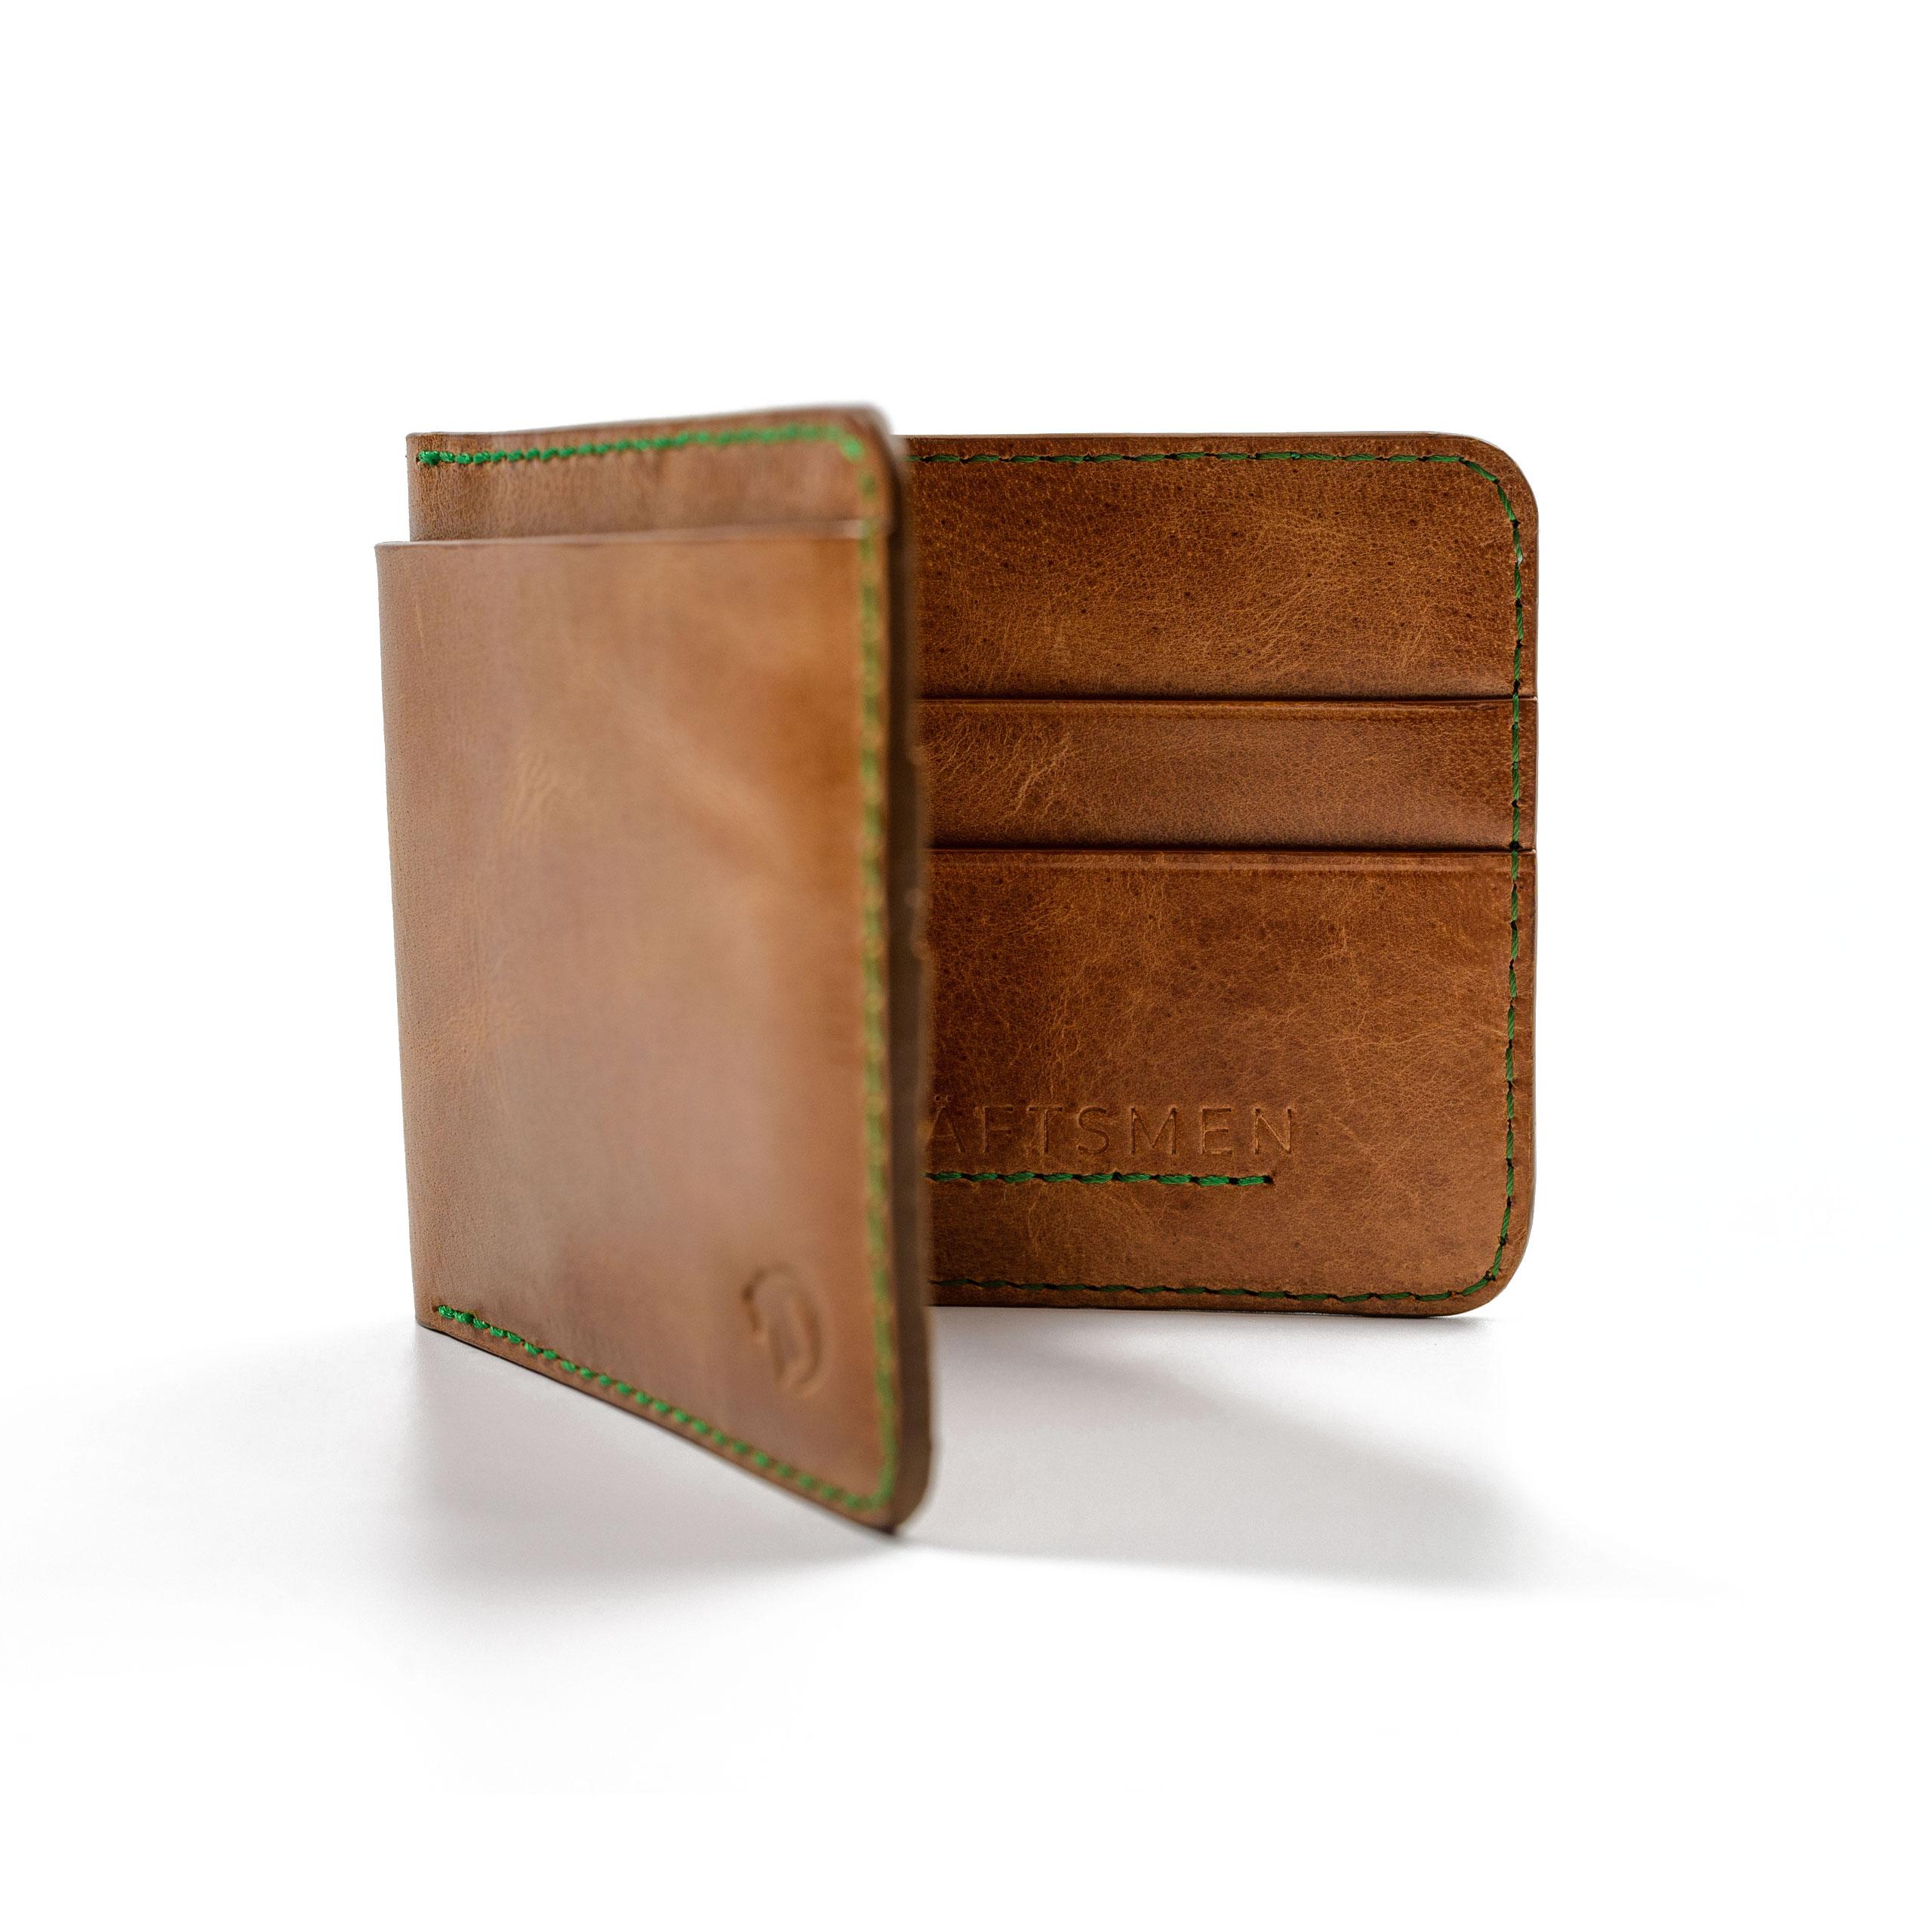 Italian Leather Bifold Wallet by Kraftsmen